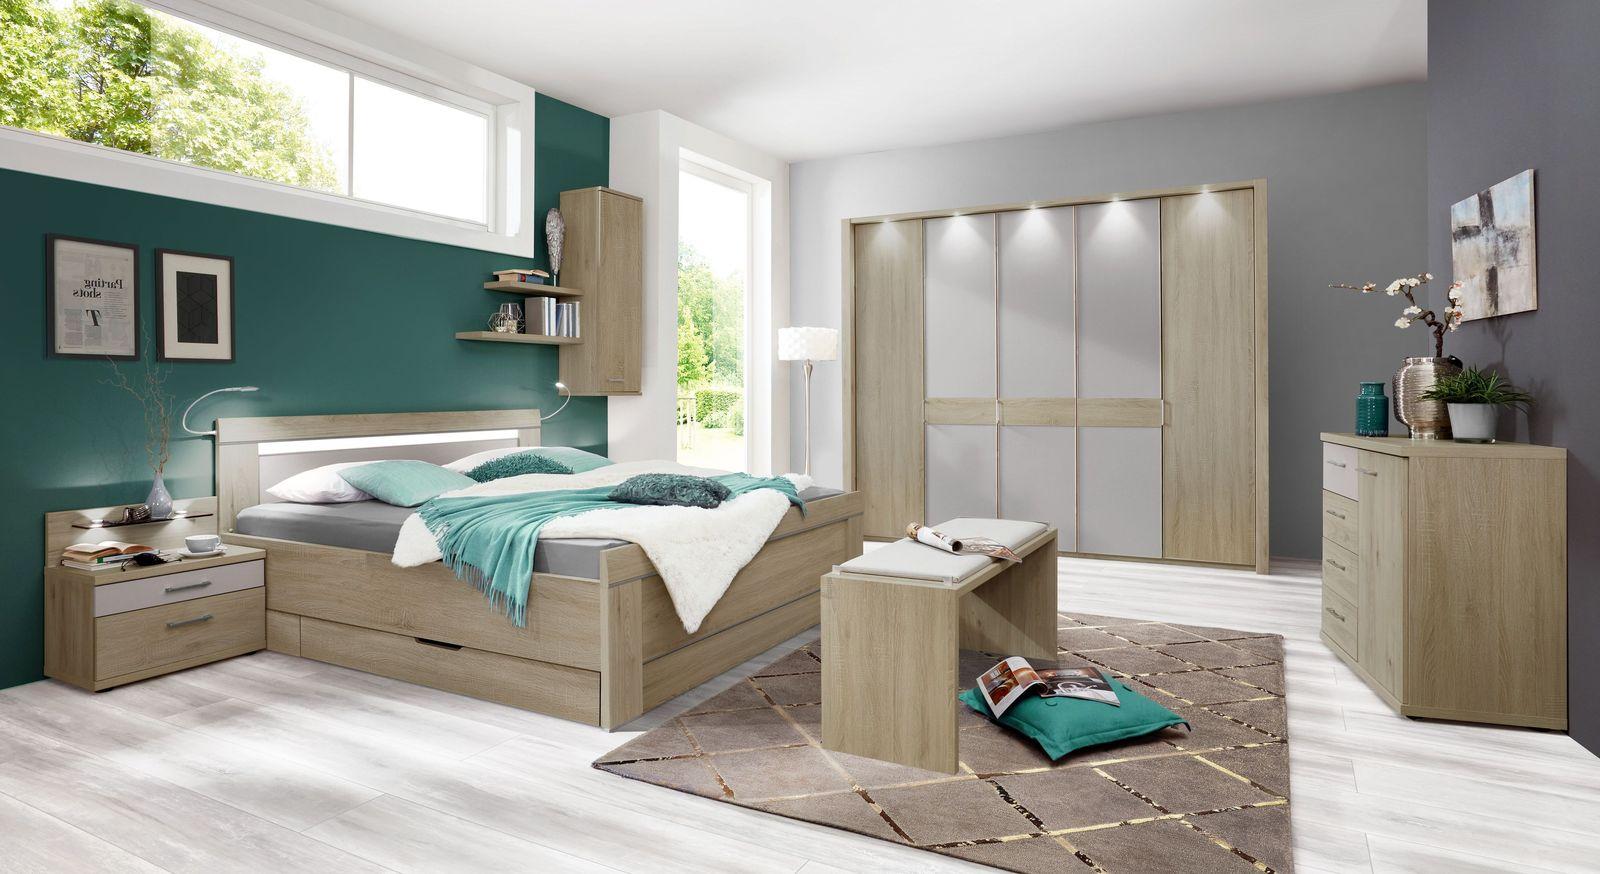 Schlafzimmer Pelham mit pflegeleichter Dekor-Oberfläche